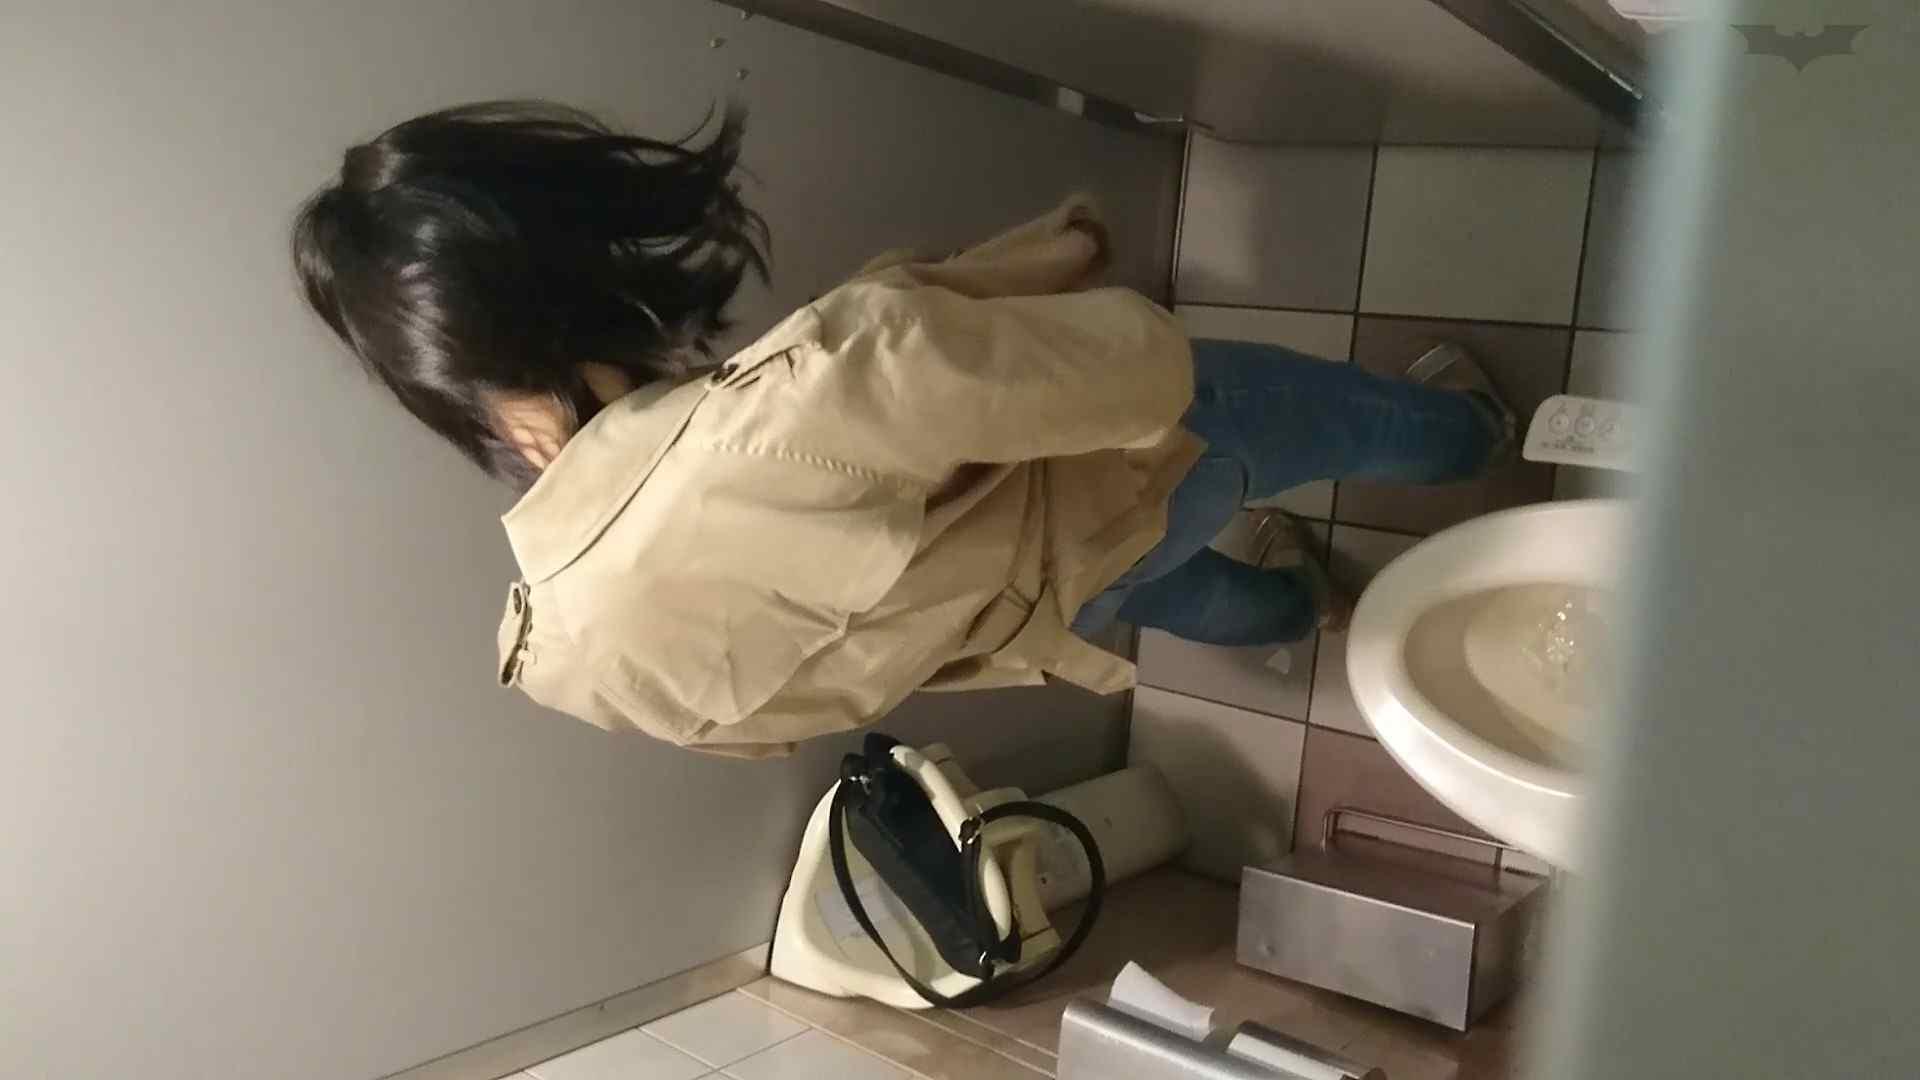 化粧室絵巻 ショッピングモール編 VOL.22 OL  95pic 12